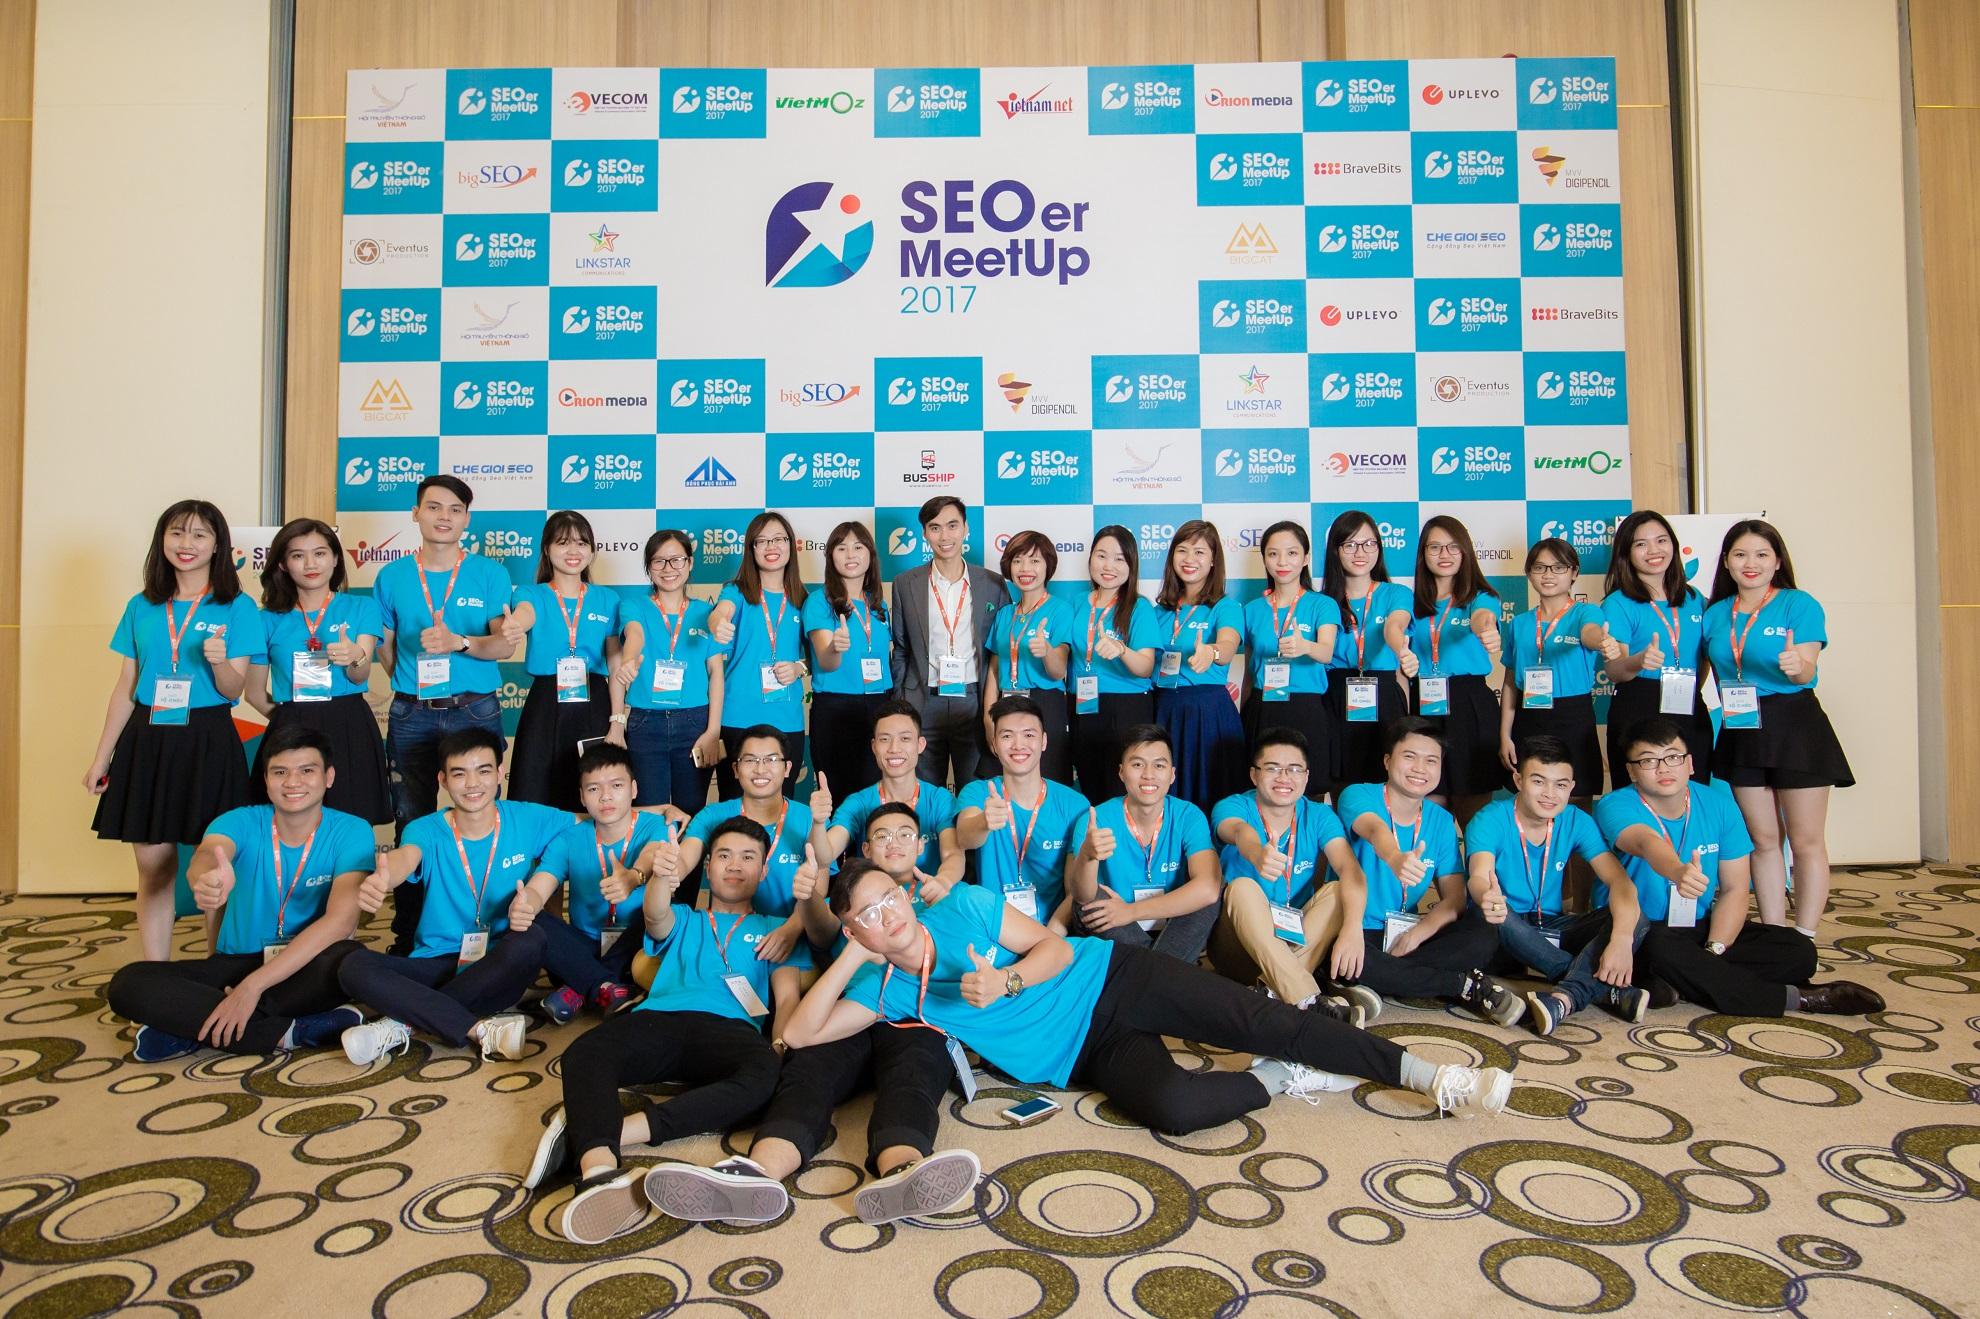 Đội ngũ support sự kiện SEOer MeetUp 2017